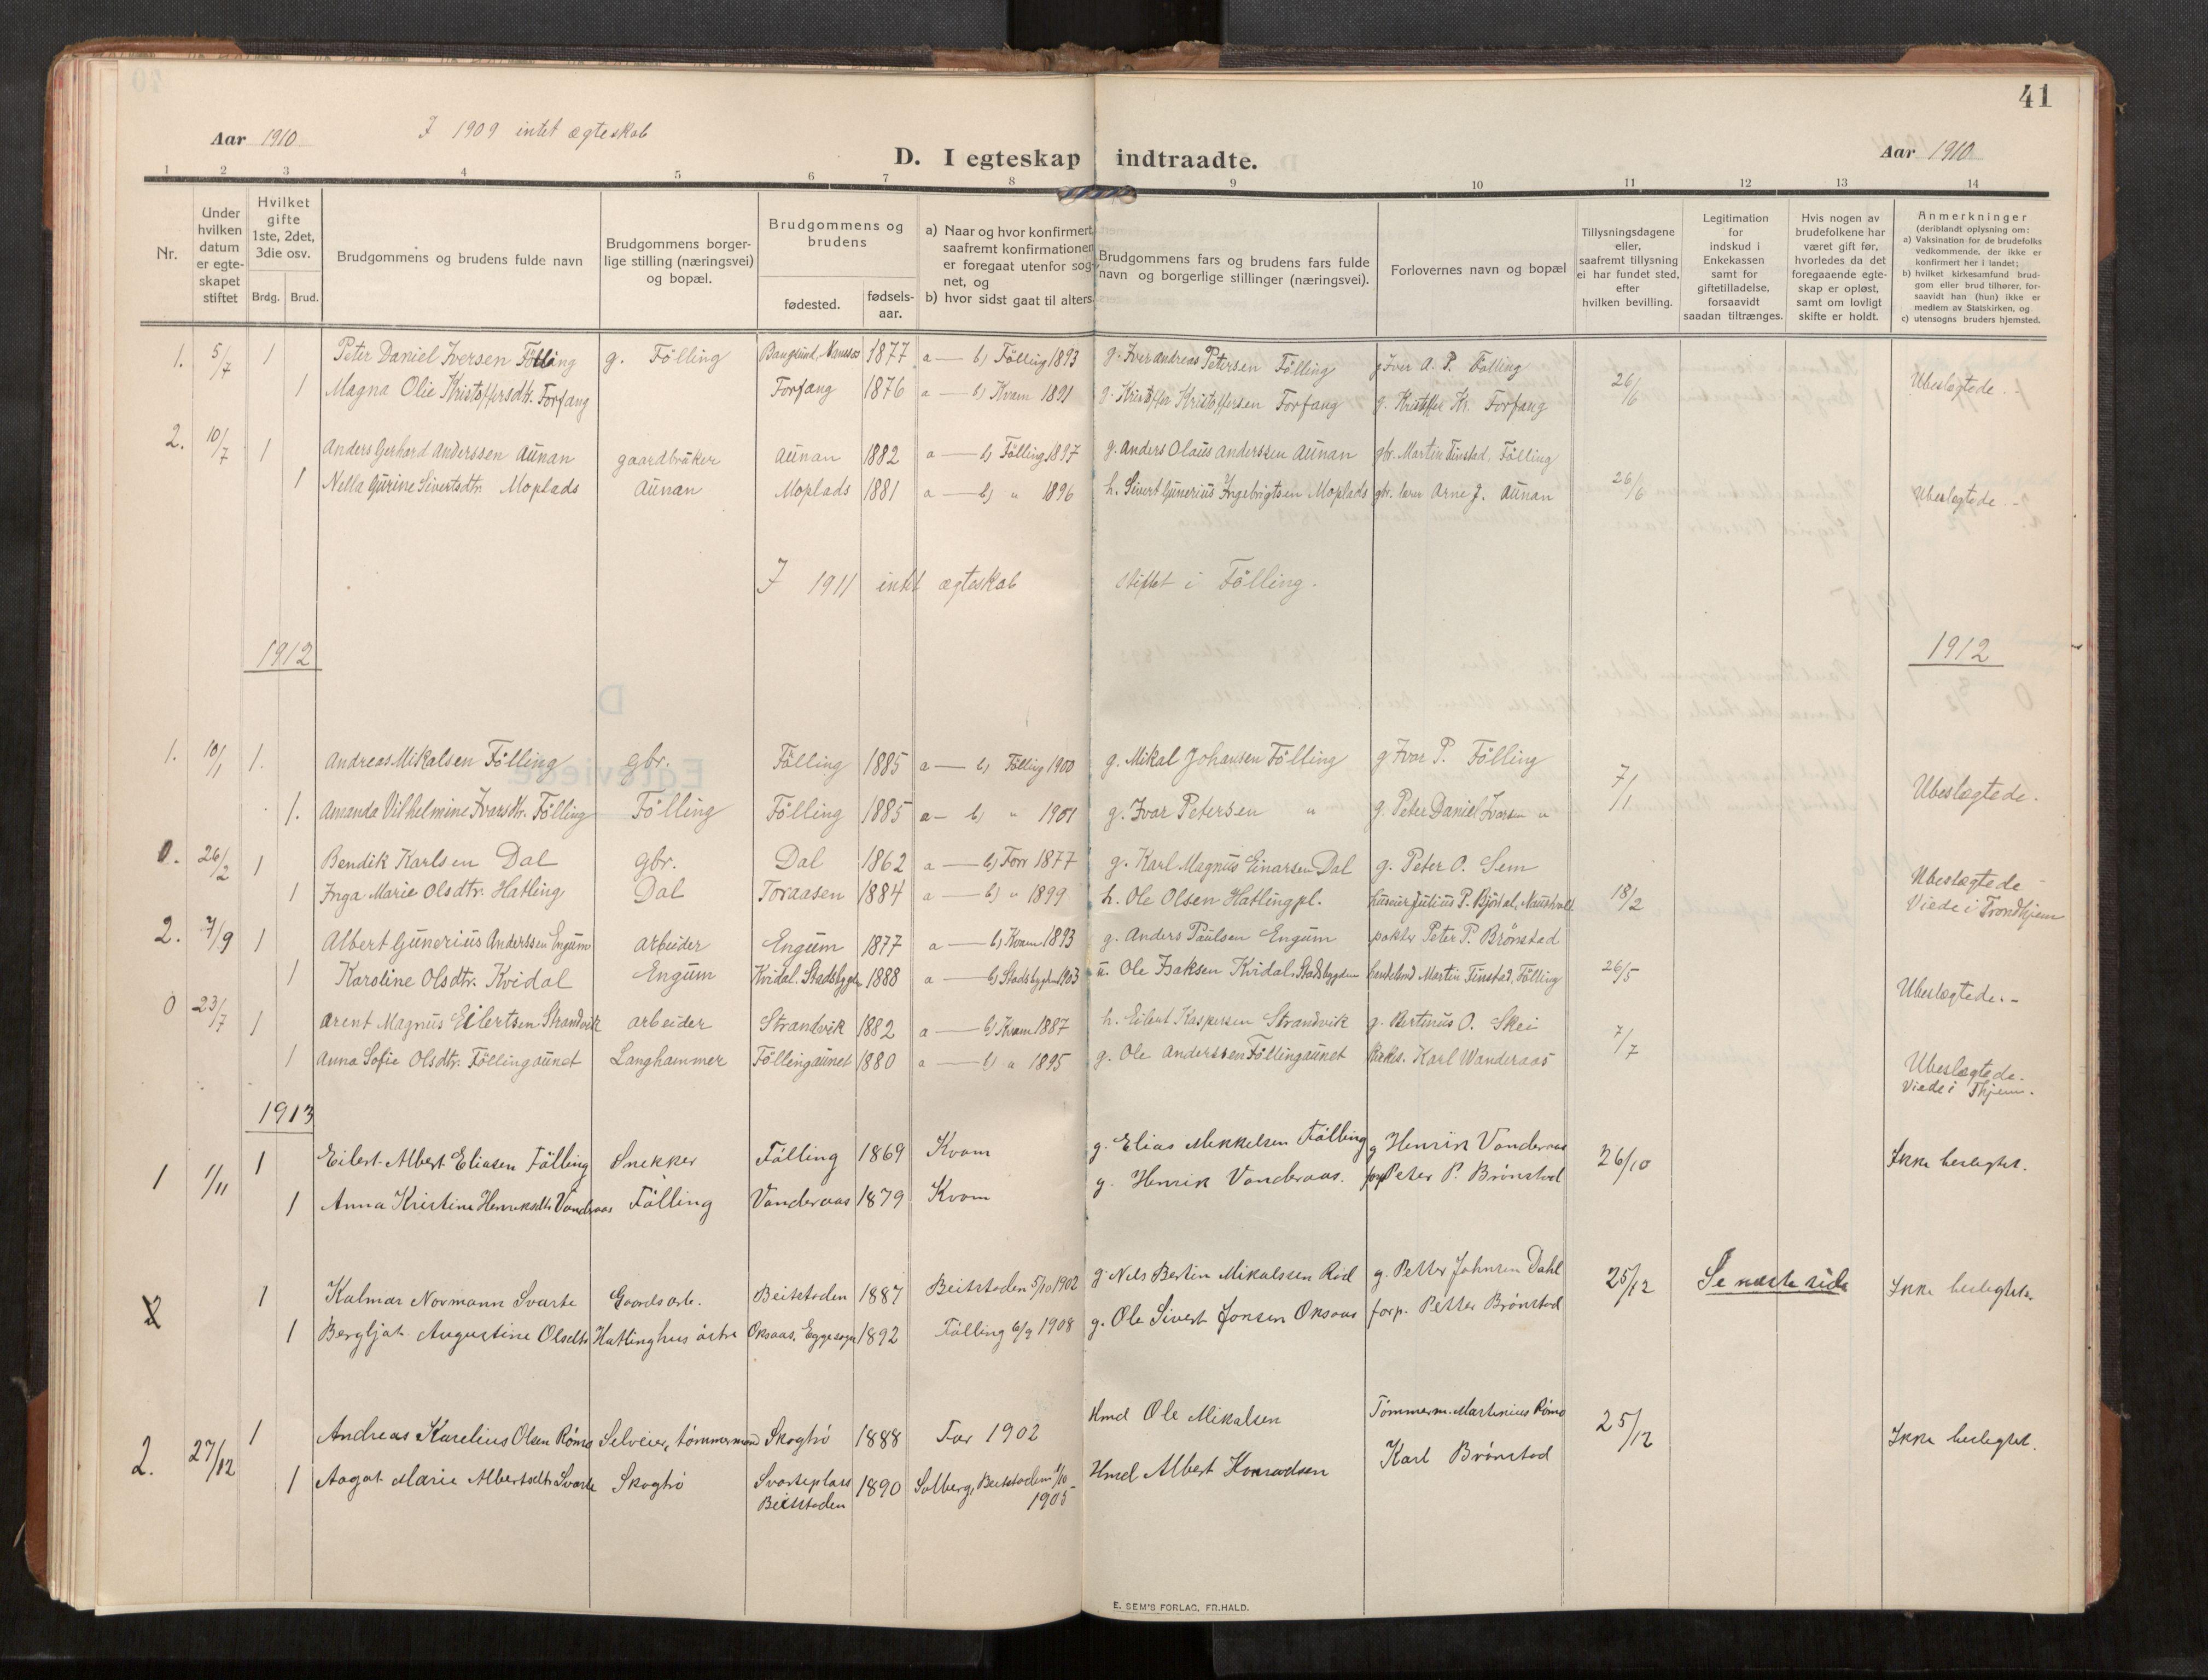 SAT, Stod sokneprestkontor, I/I1/I1a/L0003: Parish register (official) no. 3, 1909-1934, p. 41